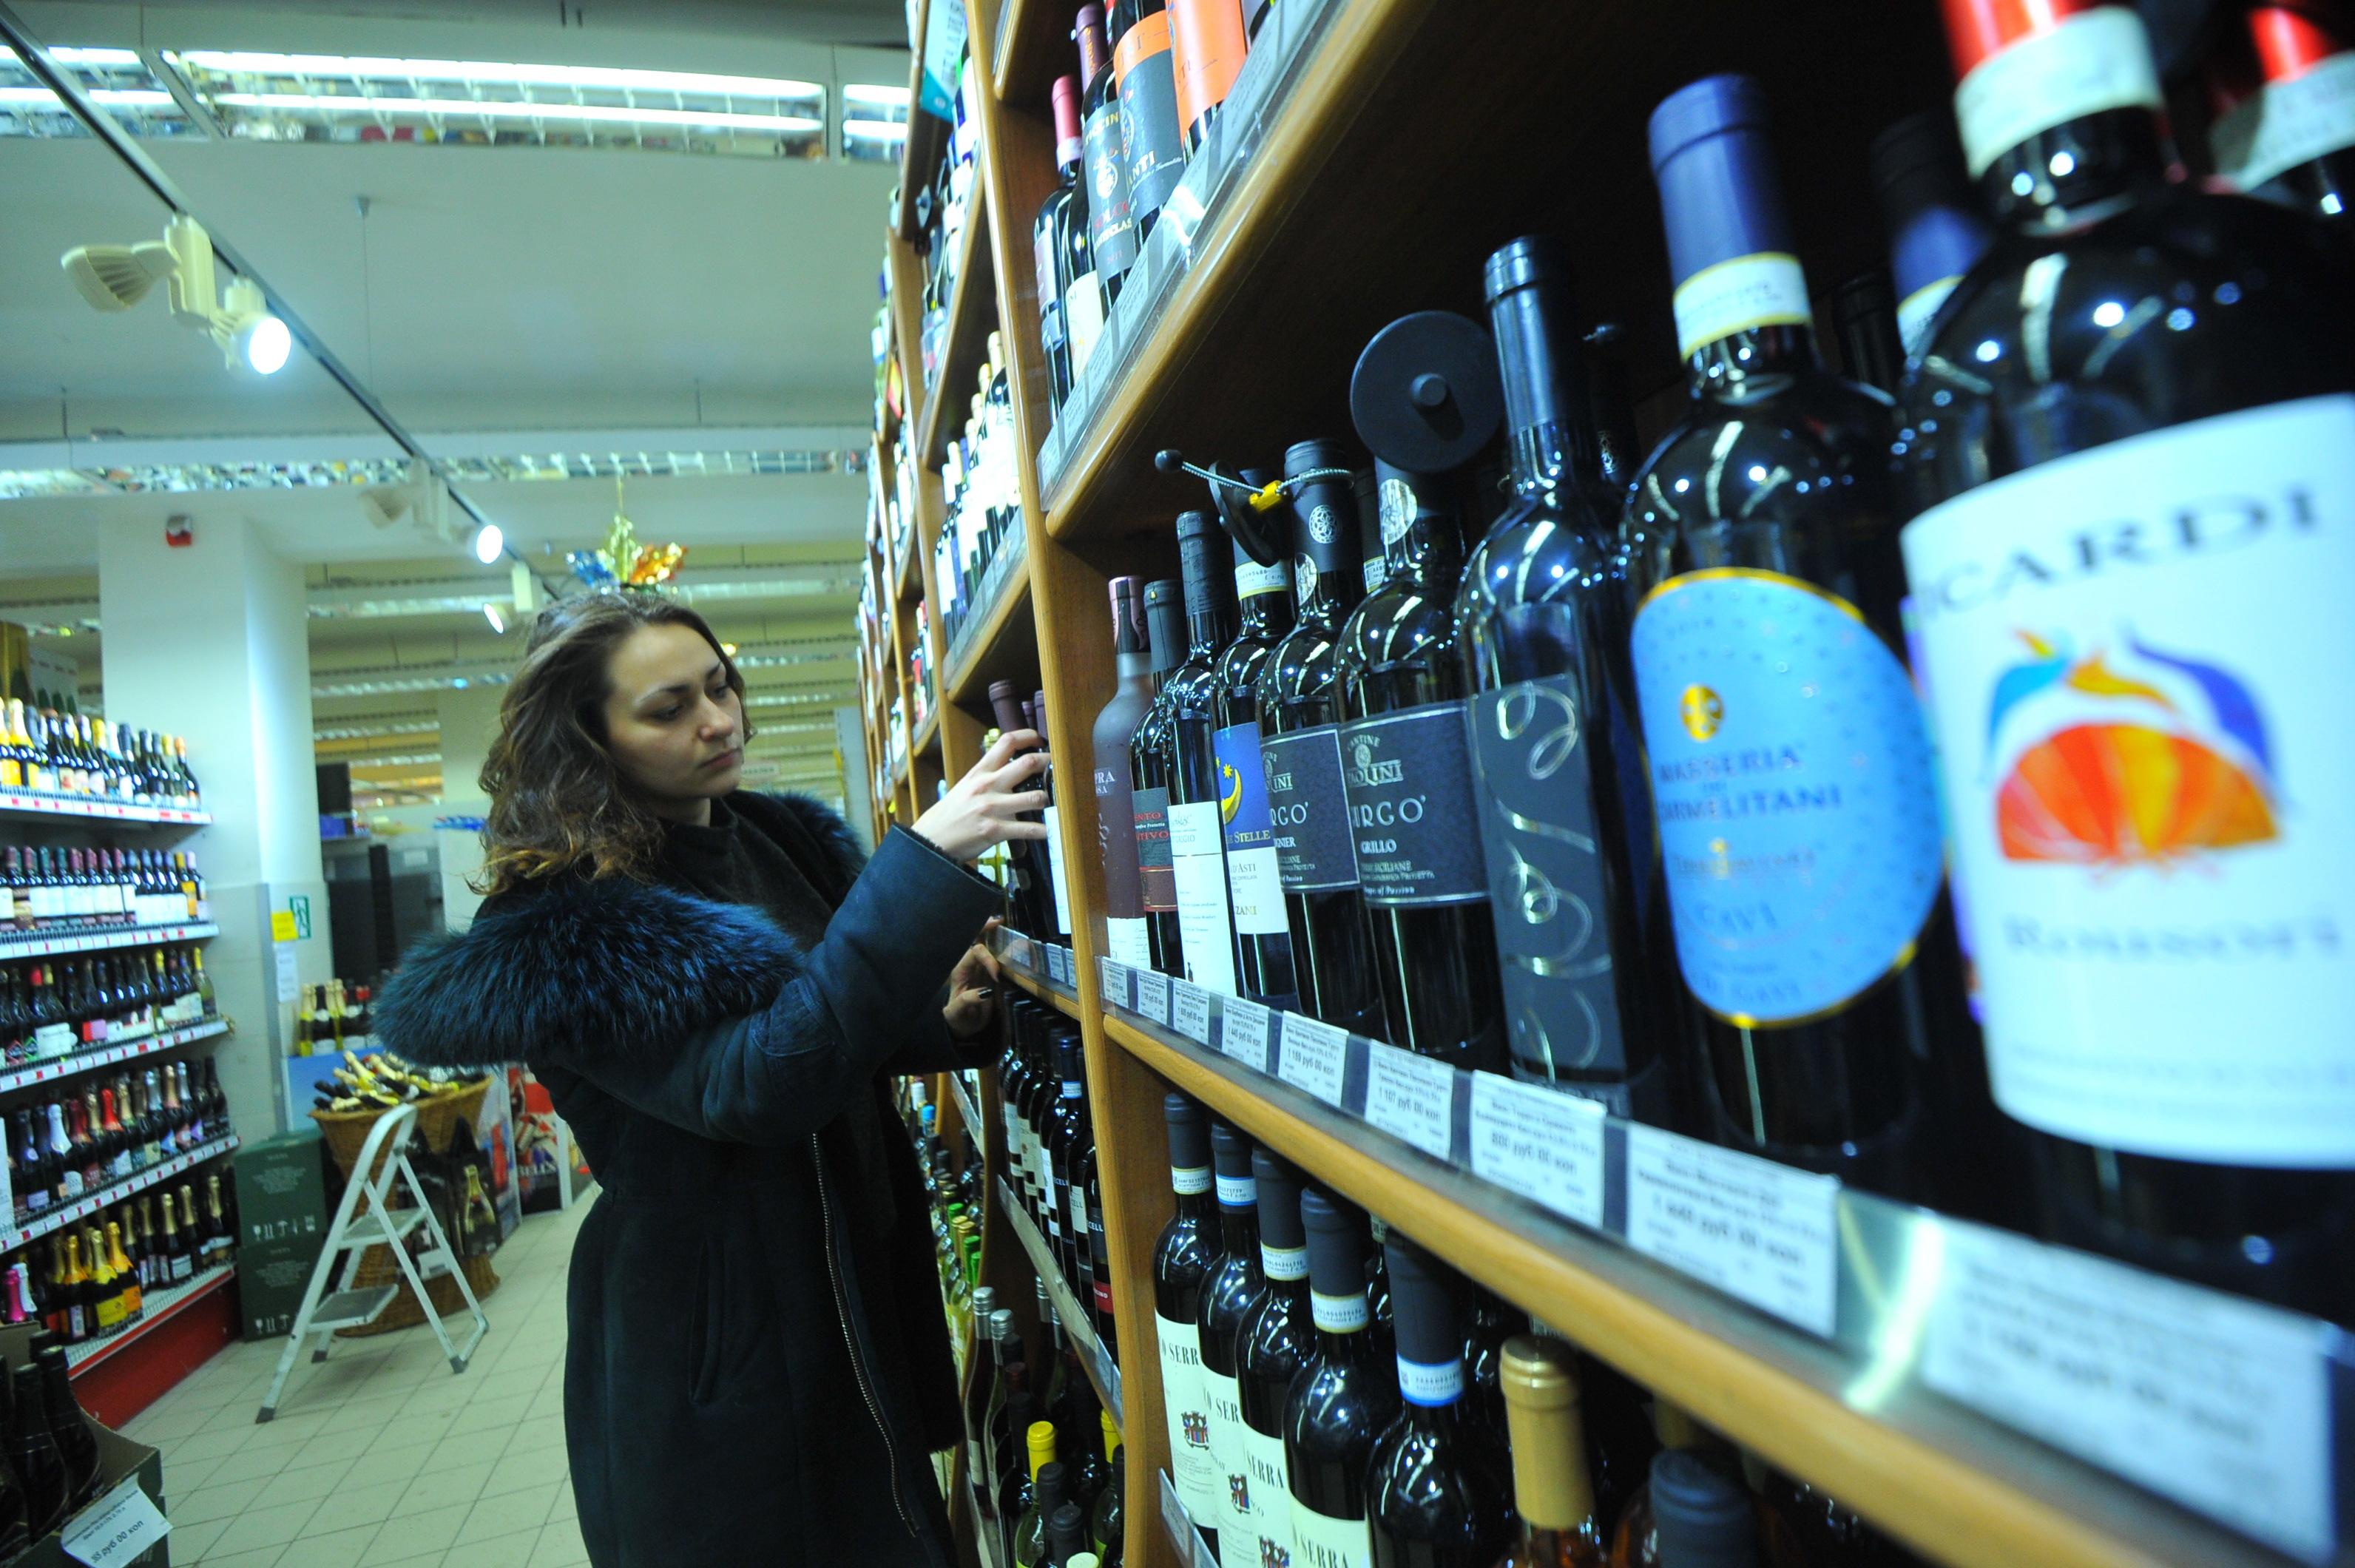 Владельцы магазинов не заметили, чтобы потребление спиртного снизилось.